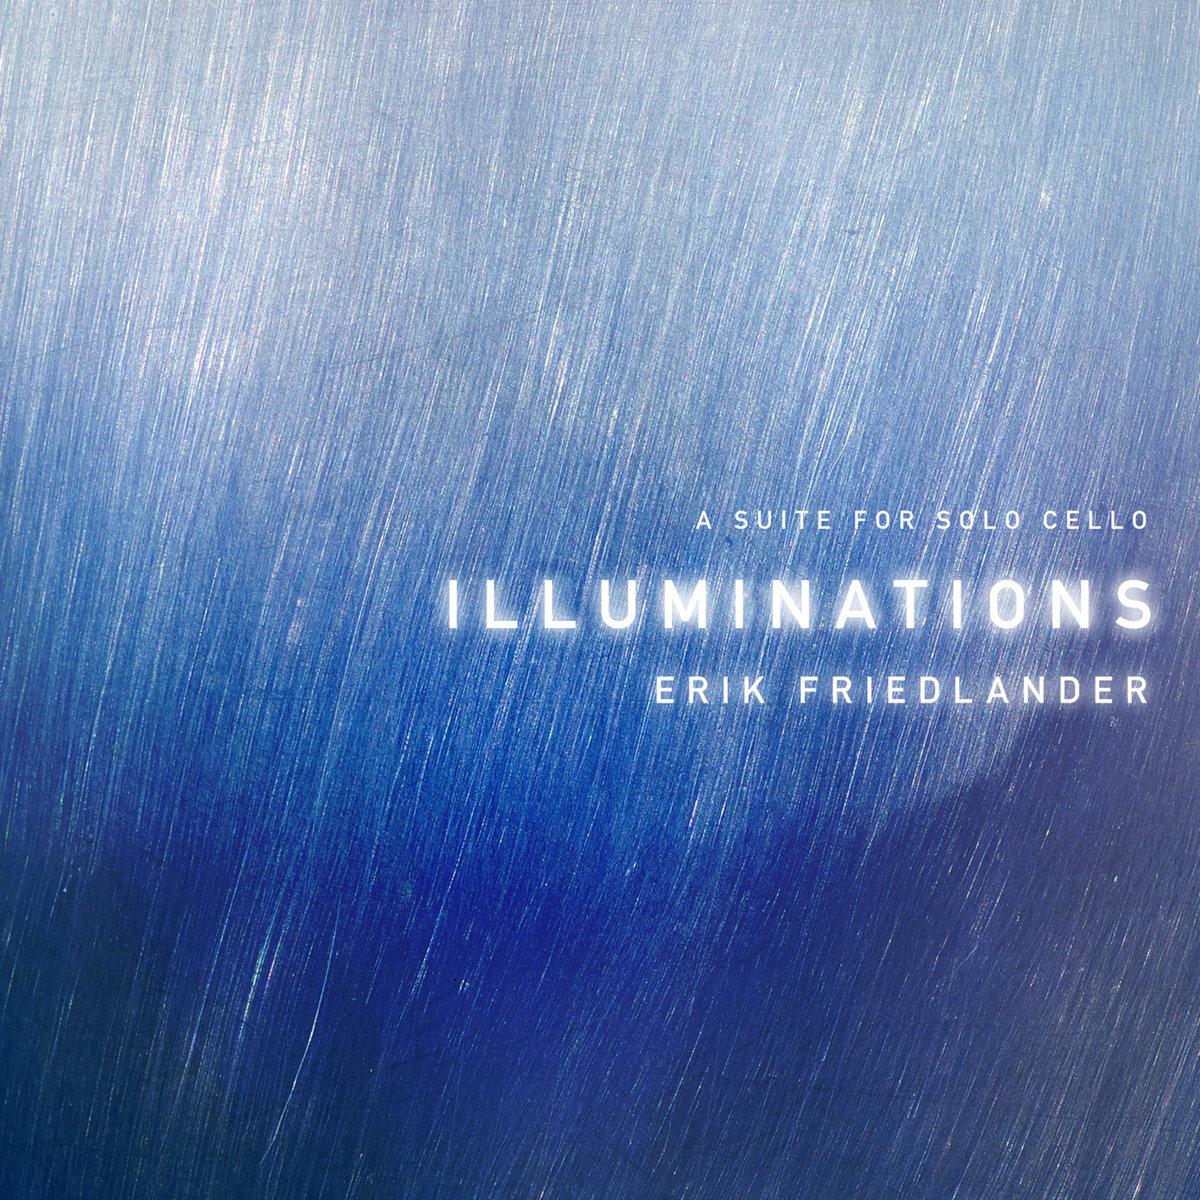 Illuminations | Erik Friedlander